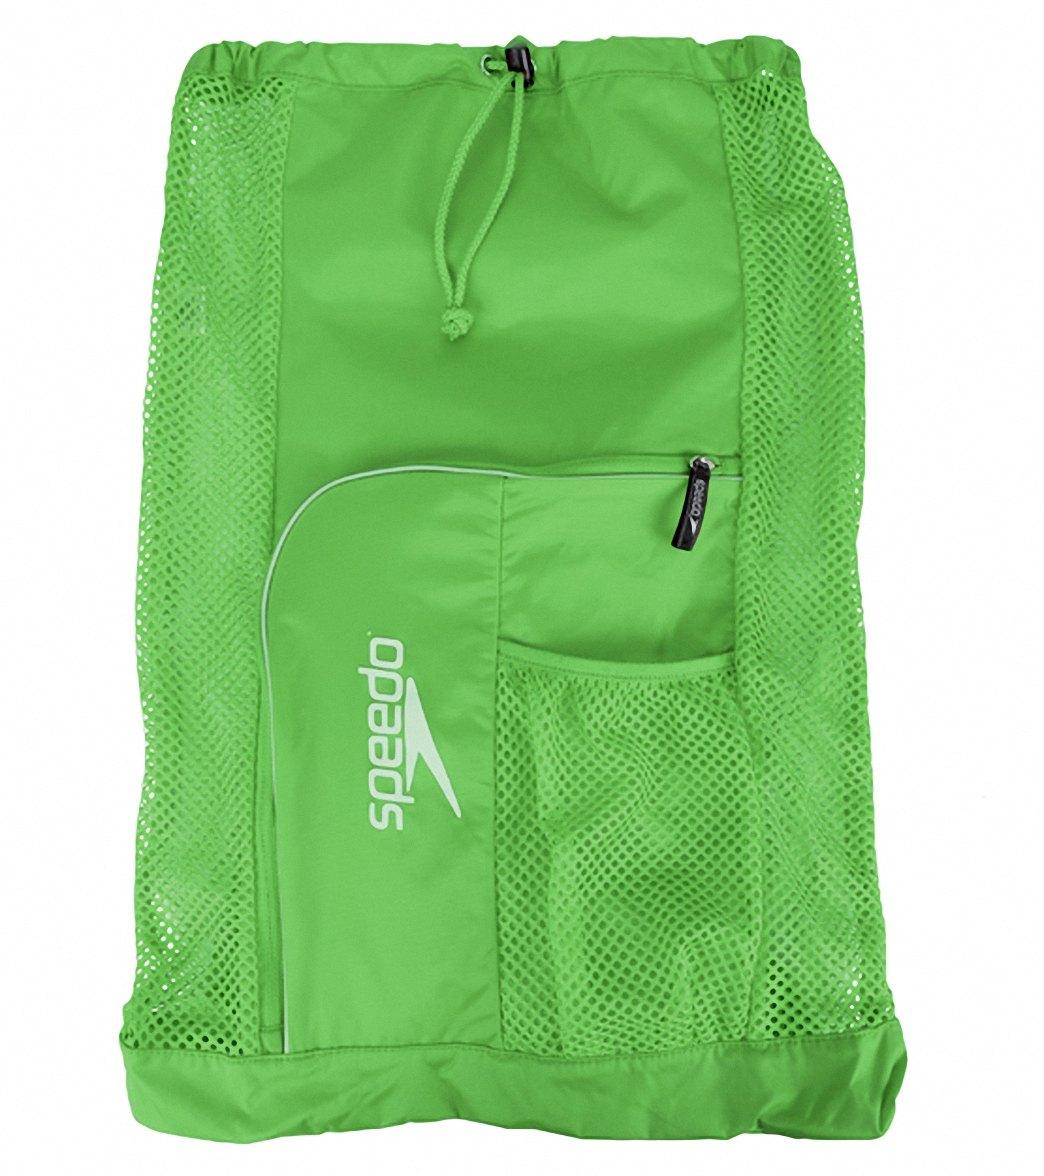 Speedo Deluxe Ventilator Mesh Bag at SwimOutlet.com